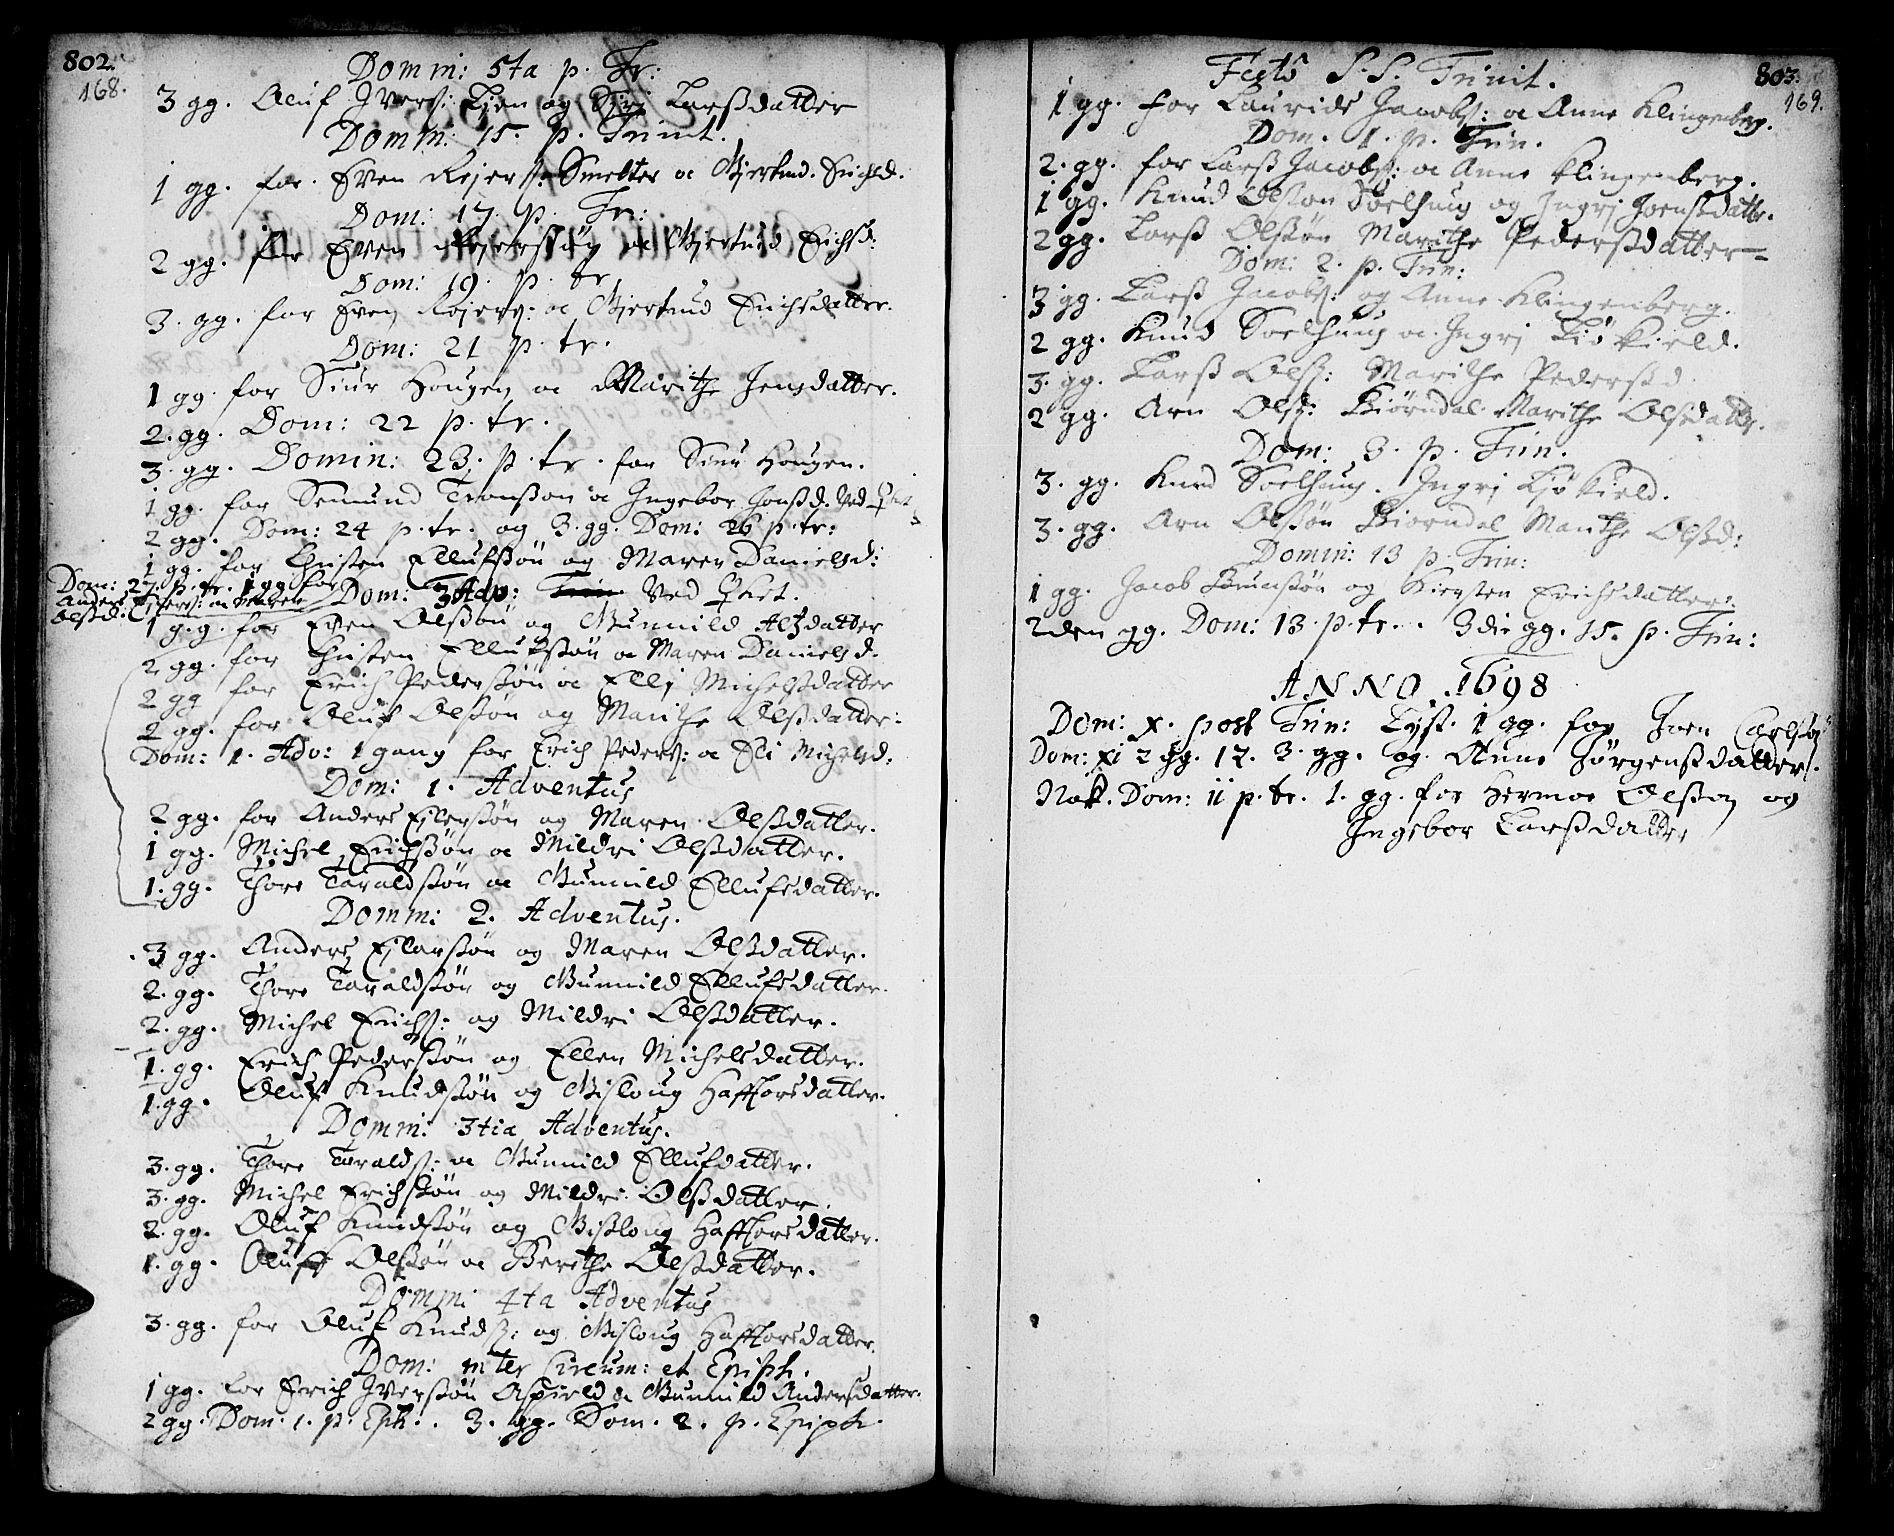 SAT, Ministerialprotokoller, klokkerbøker og fødselsregistre - Sør-Trøndelag, 668/L0801: Ministerialbok nr. 668A01, 1695-1716, s. 168-169